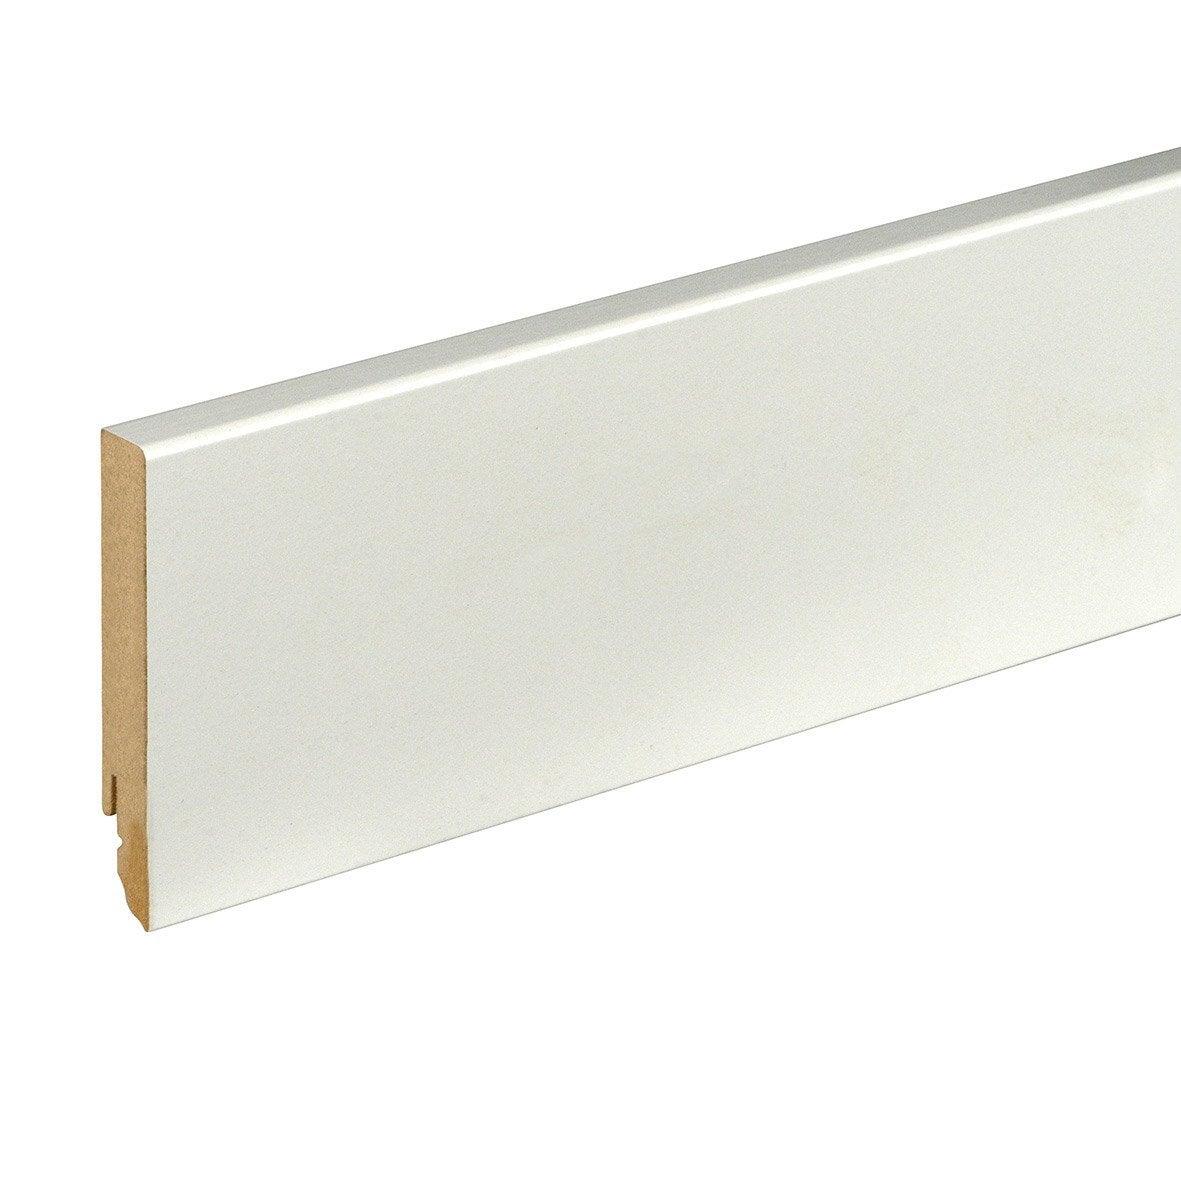 plinthe mdf brut pour rail led 16x90mm l 2m40 leroy merlin. Black Bedroom Furniture Sets. Home Design Ideas